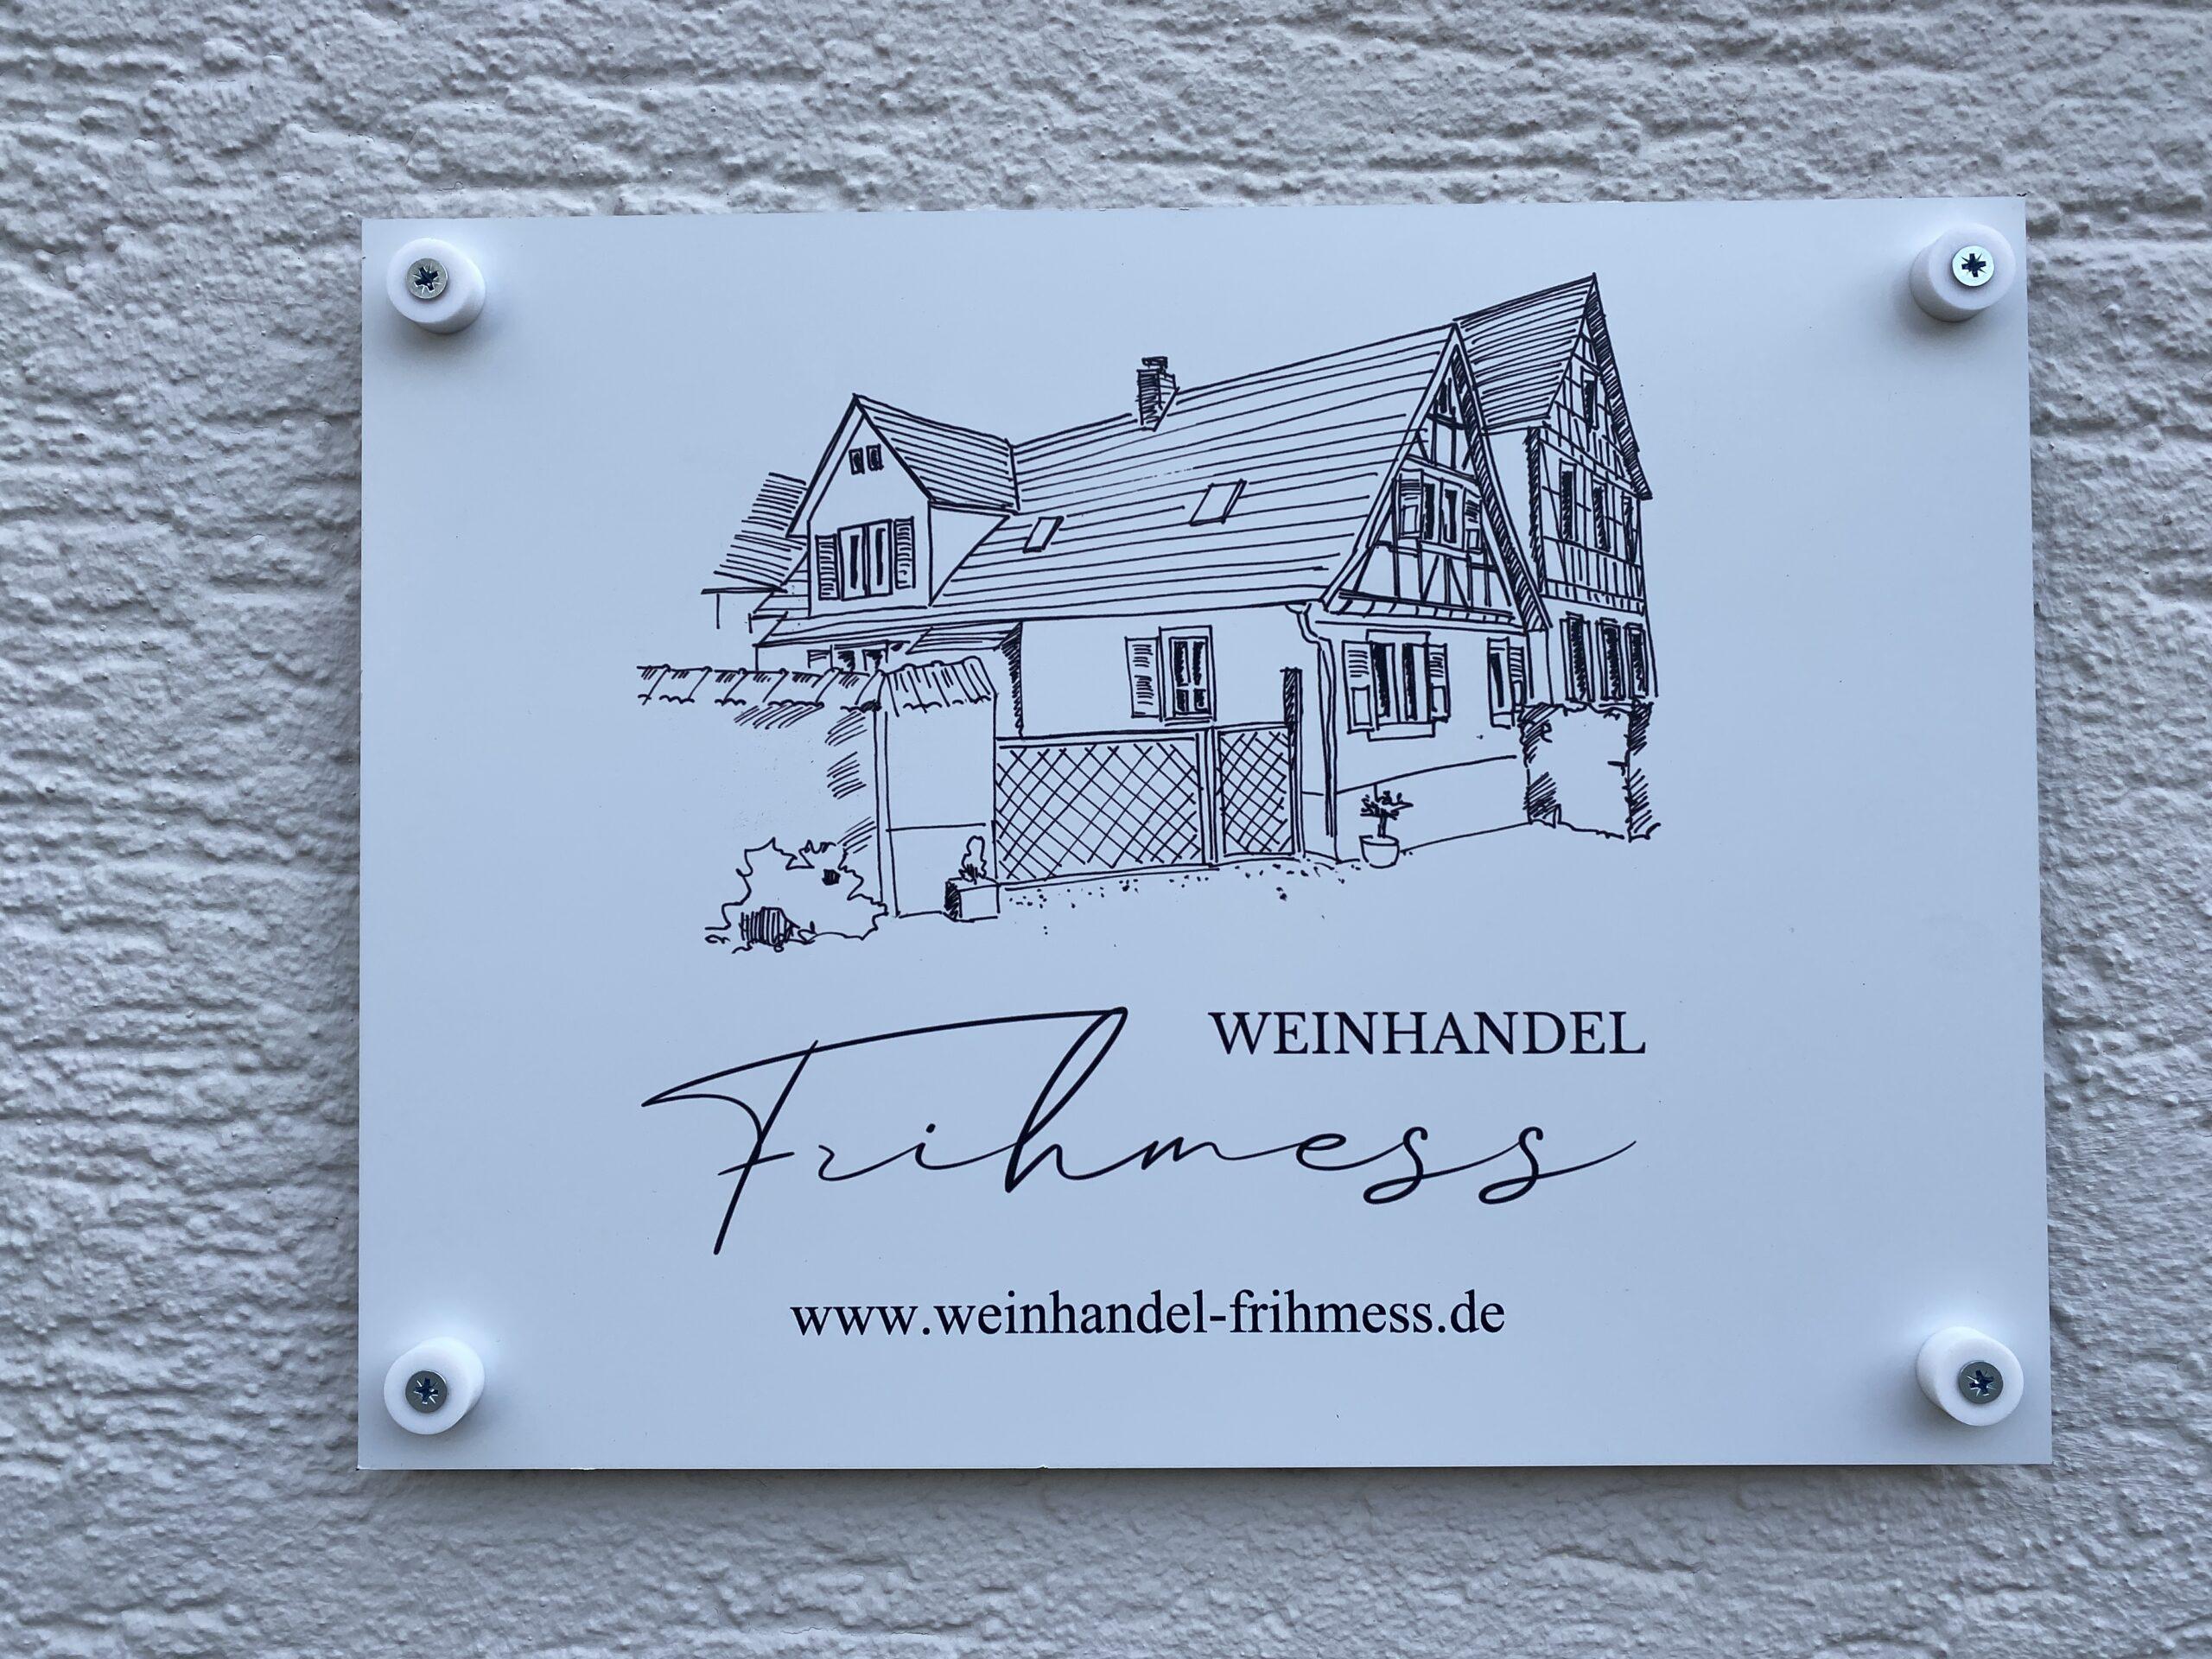 Weinhandel Frihmess Bensheim Auerbach